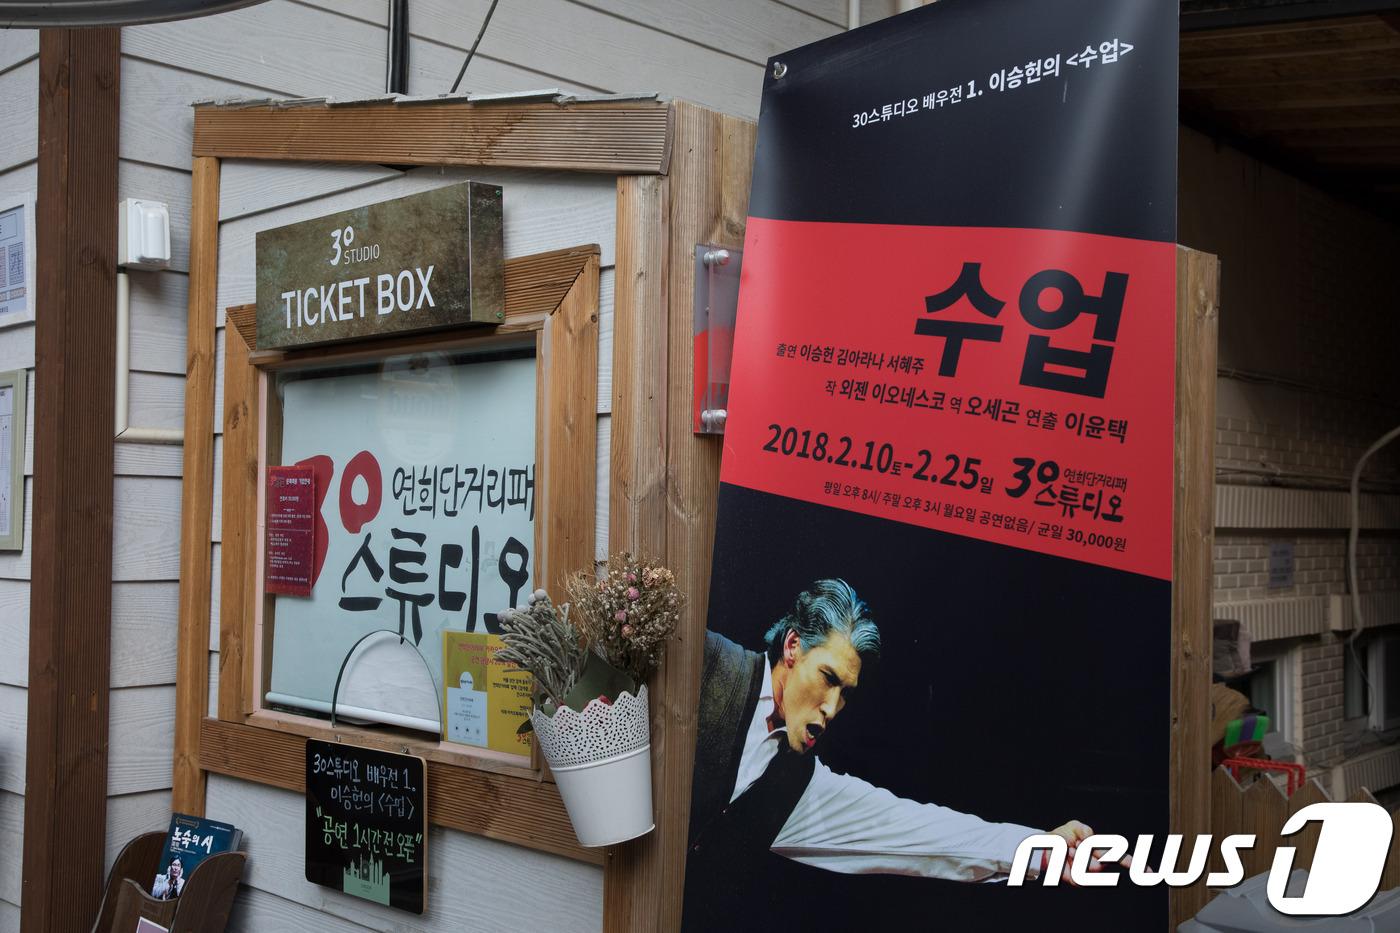 [단독]''성추행 의혹' 이윤택 연출가 반성하며 활동 중단' #뉴스1